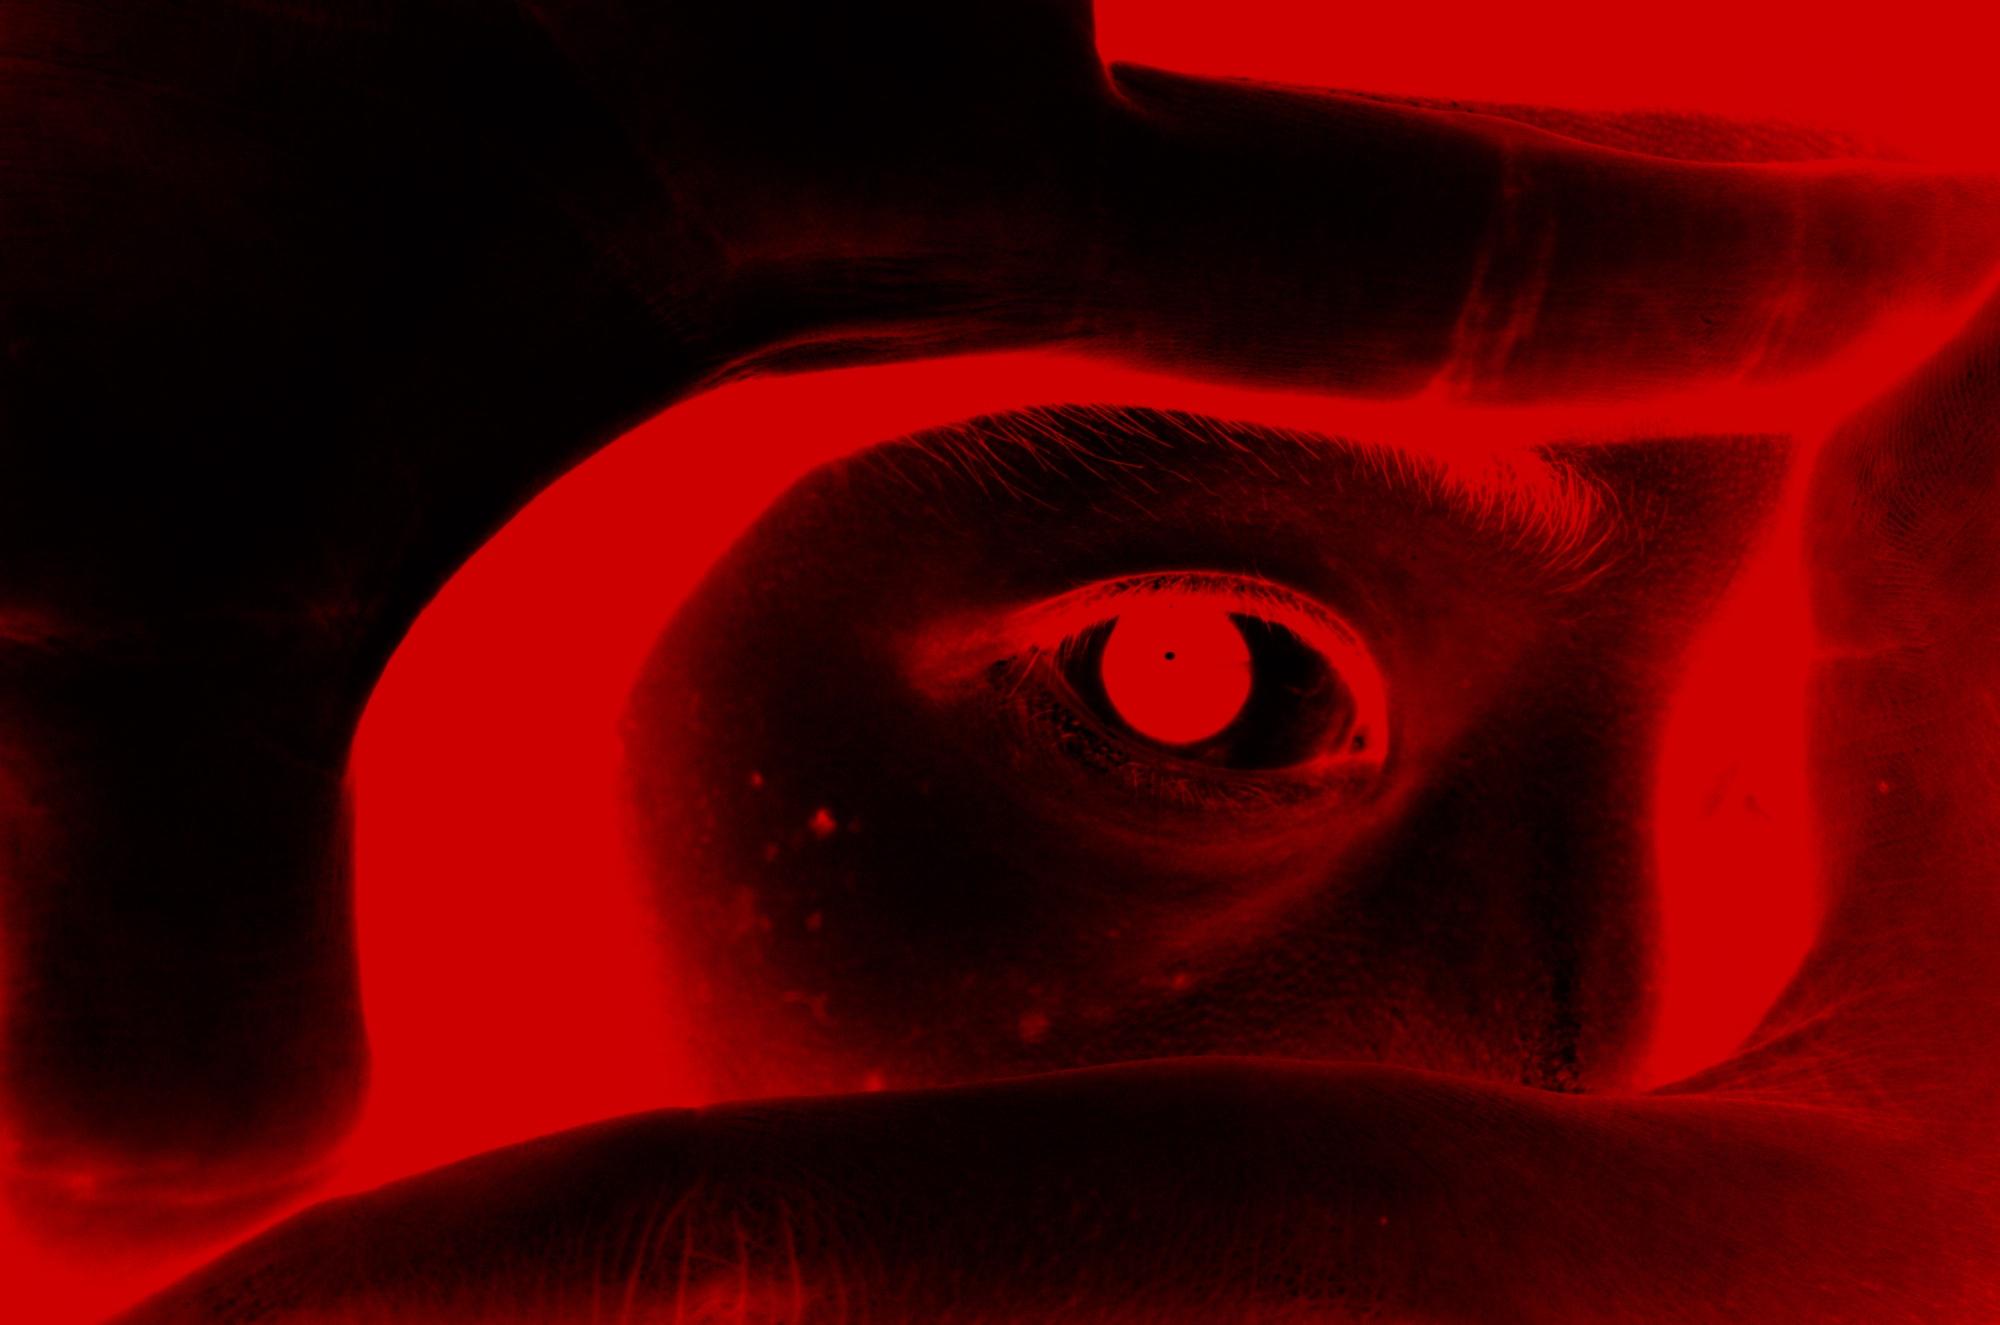 Red ERIC KIM selfie eye